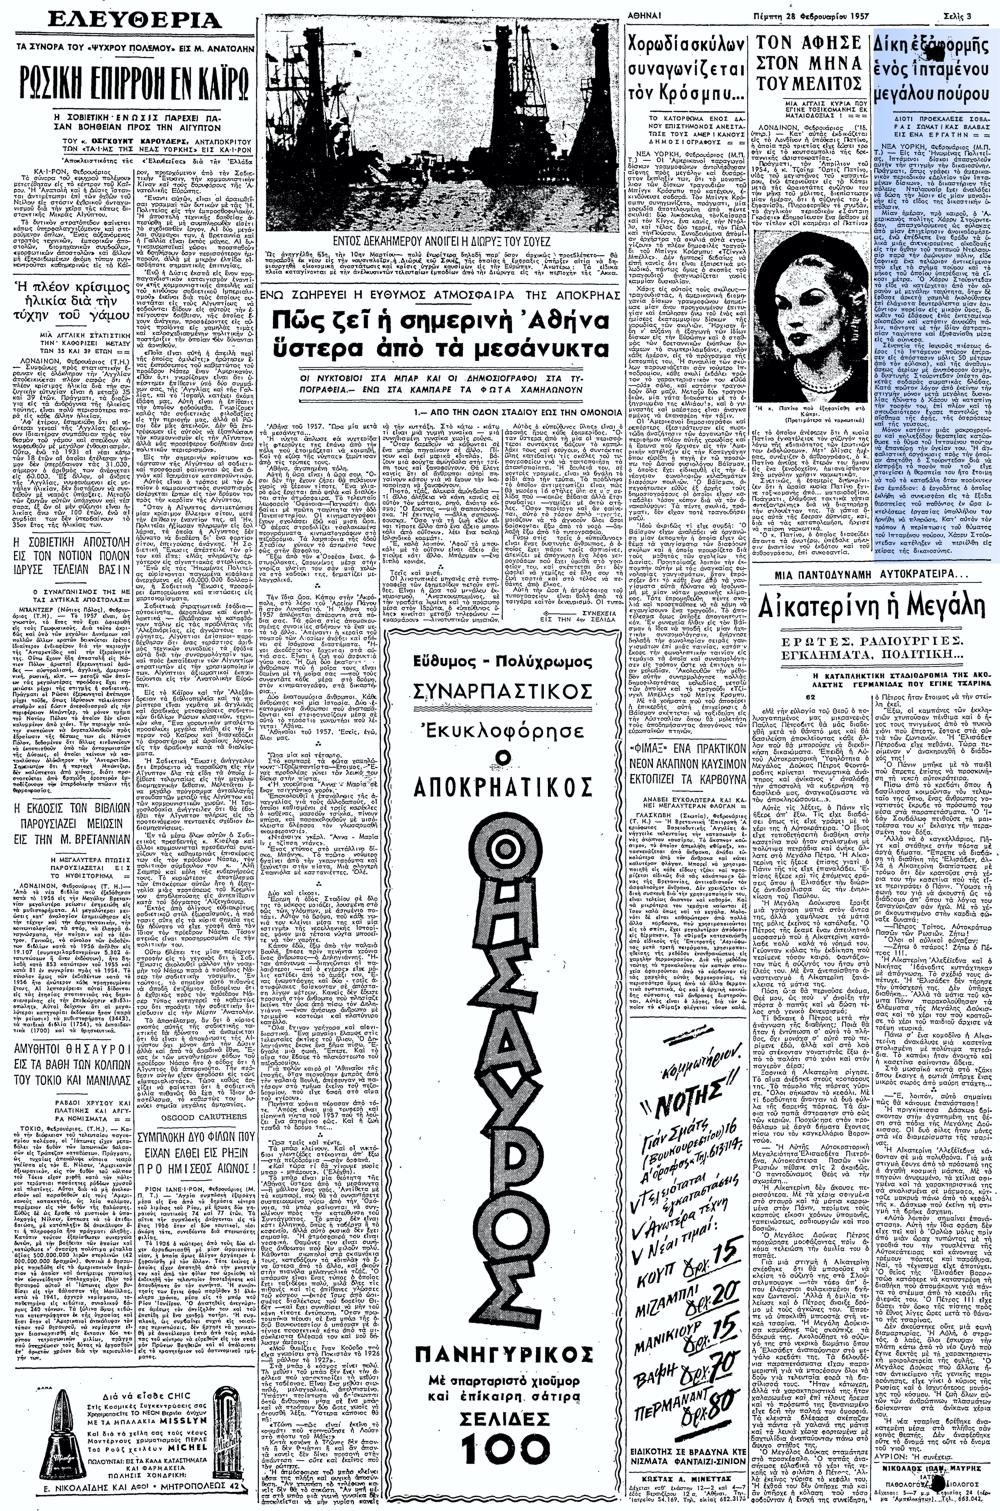 Η περίπτωση του Χάρι Στούρντεβαν